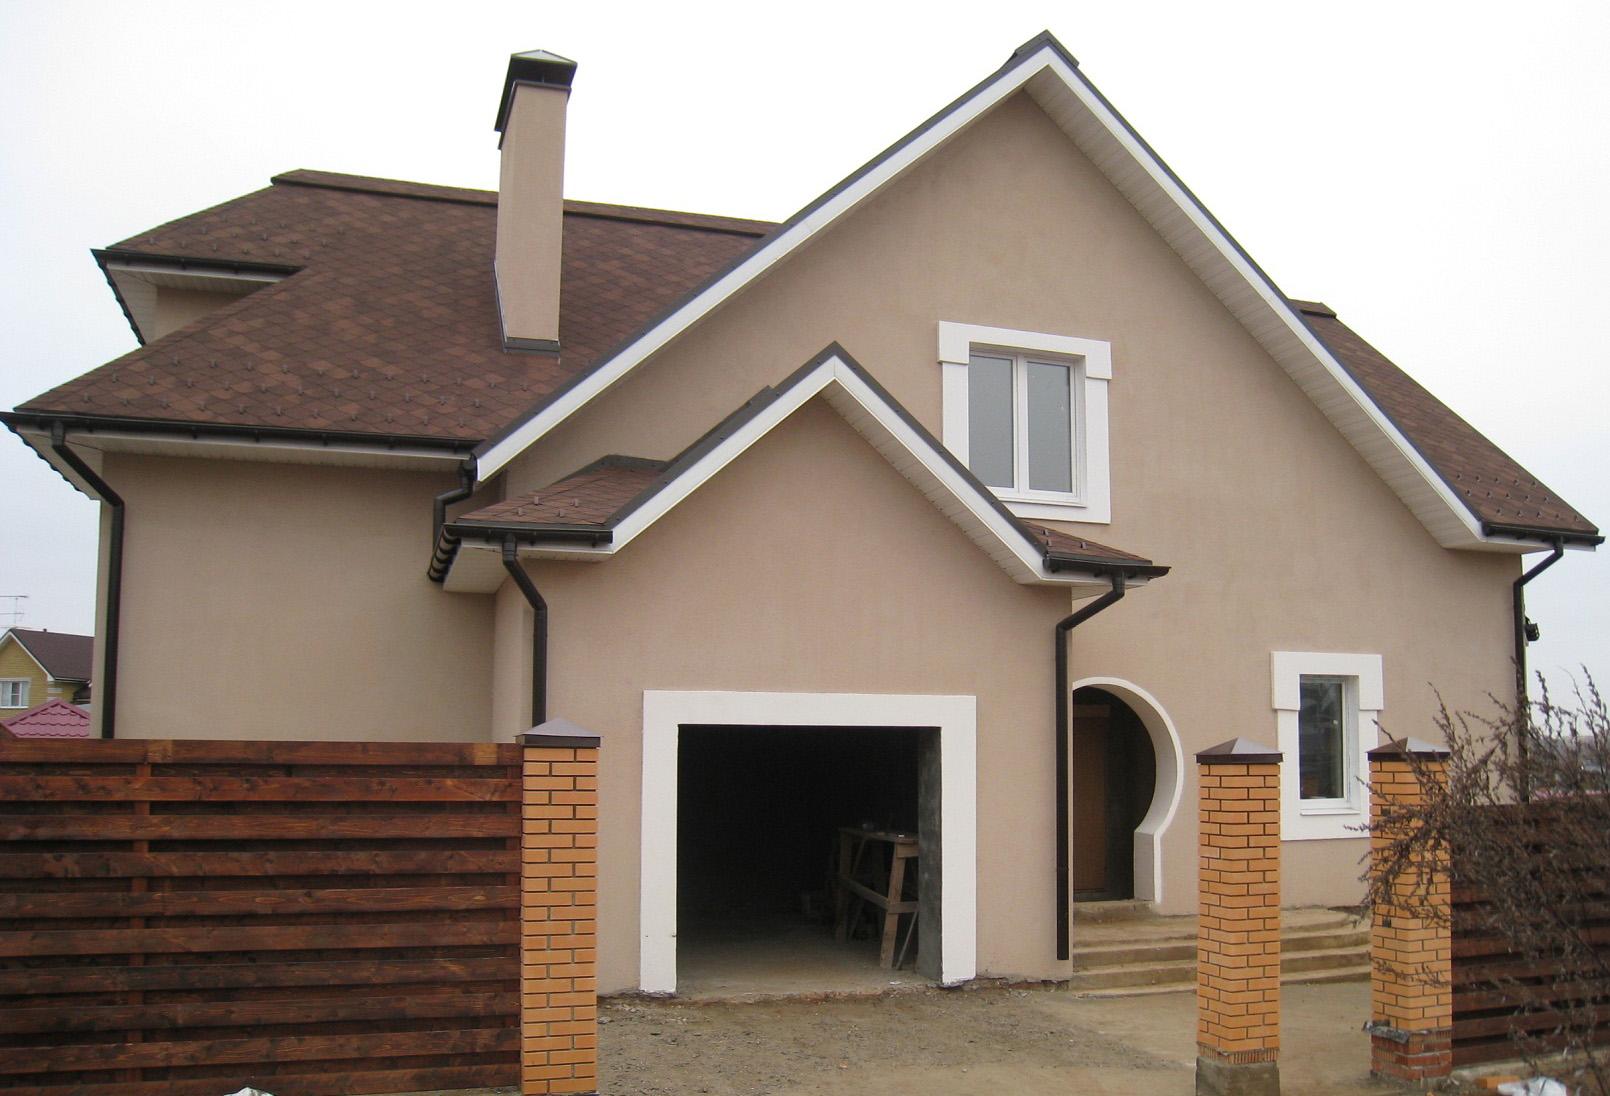 Шпаклевка коричневого цвета во внешней отделке дома